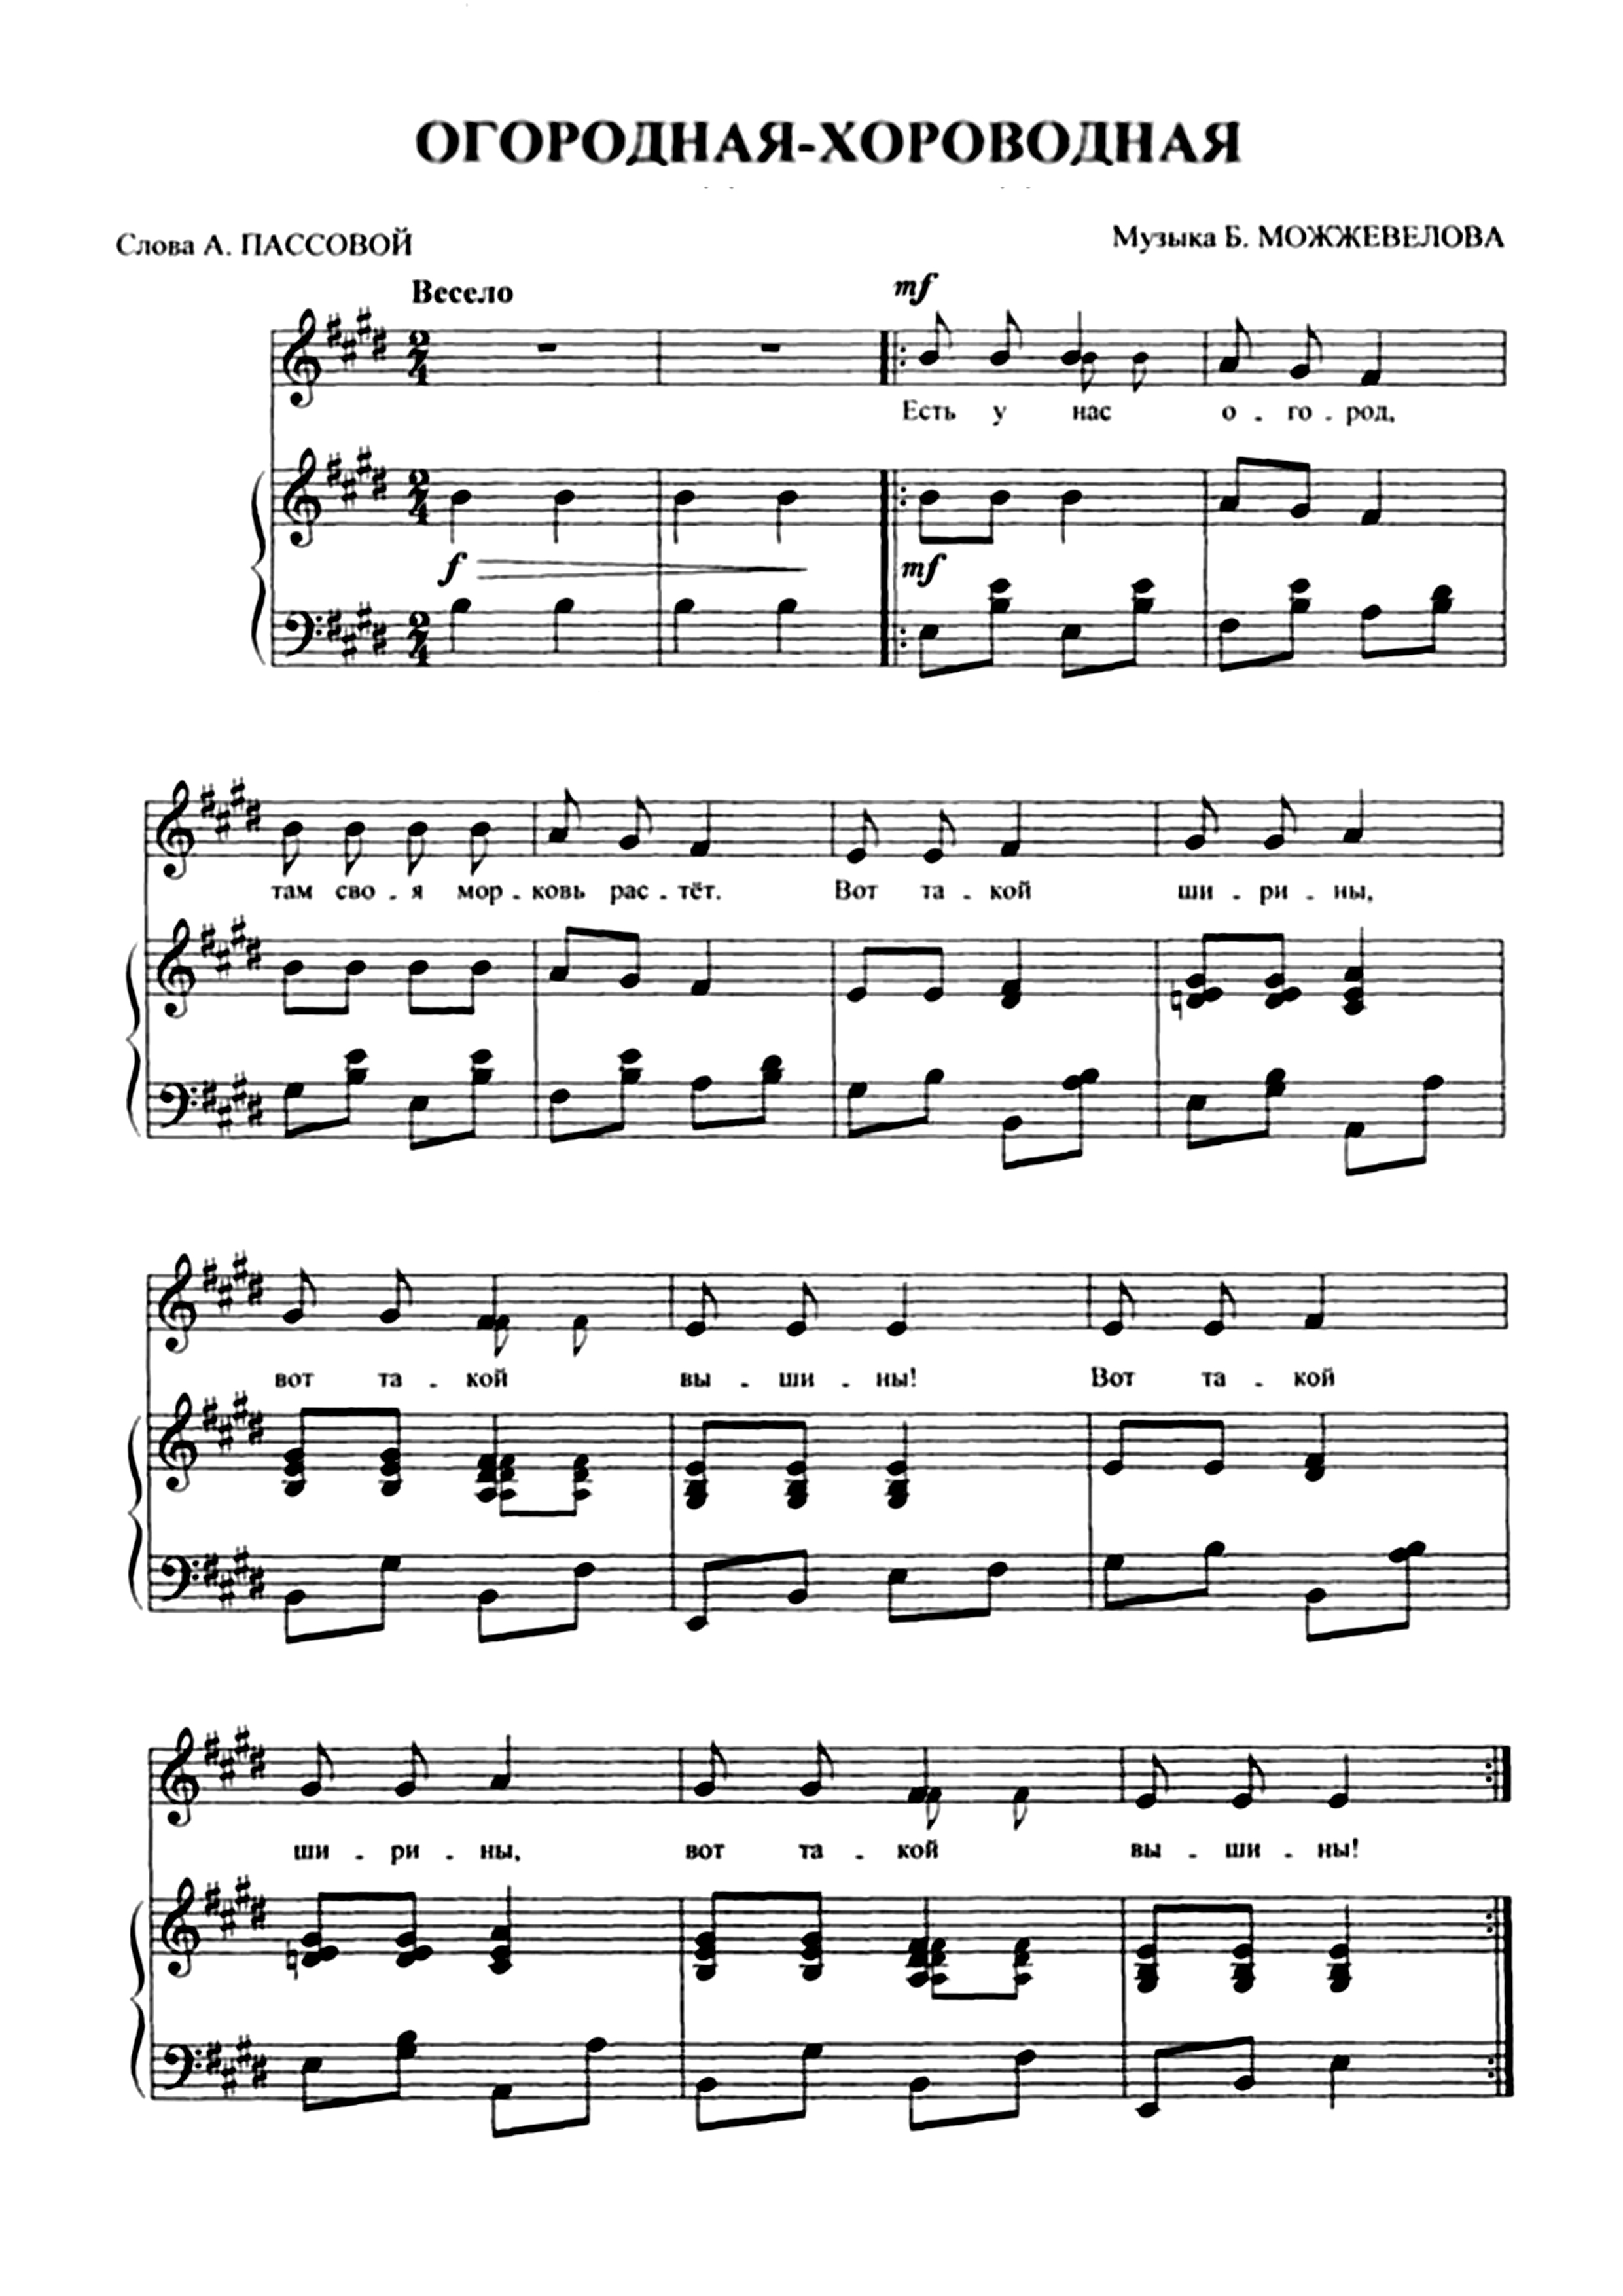 Русская хороводная мелодия скачать бесплатно